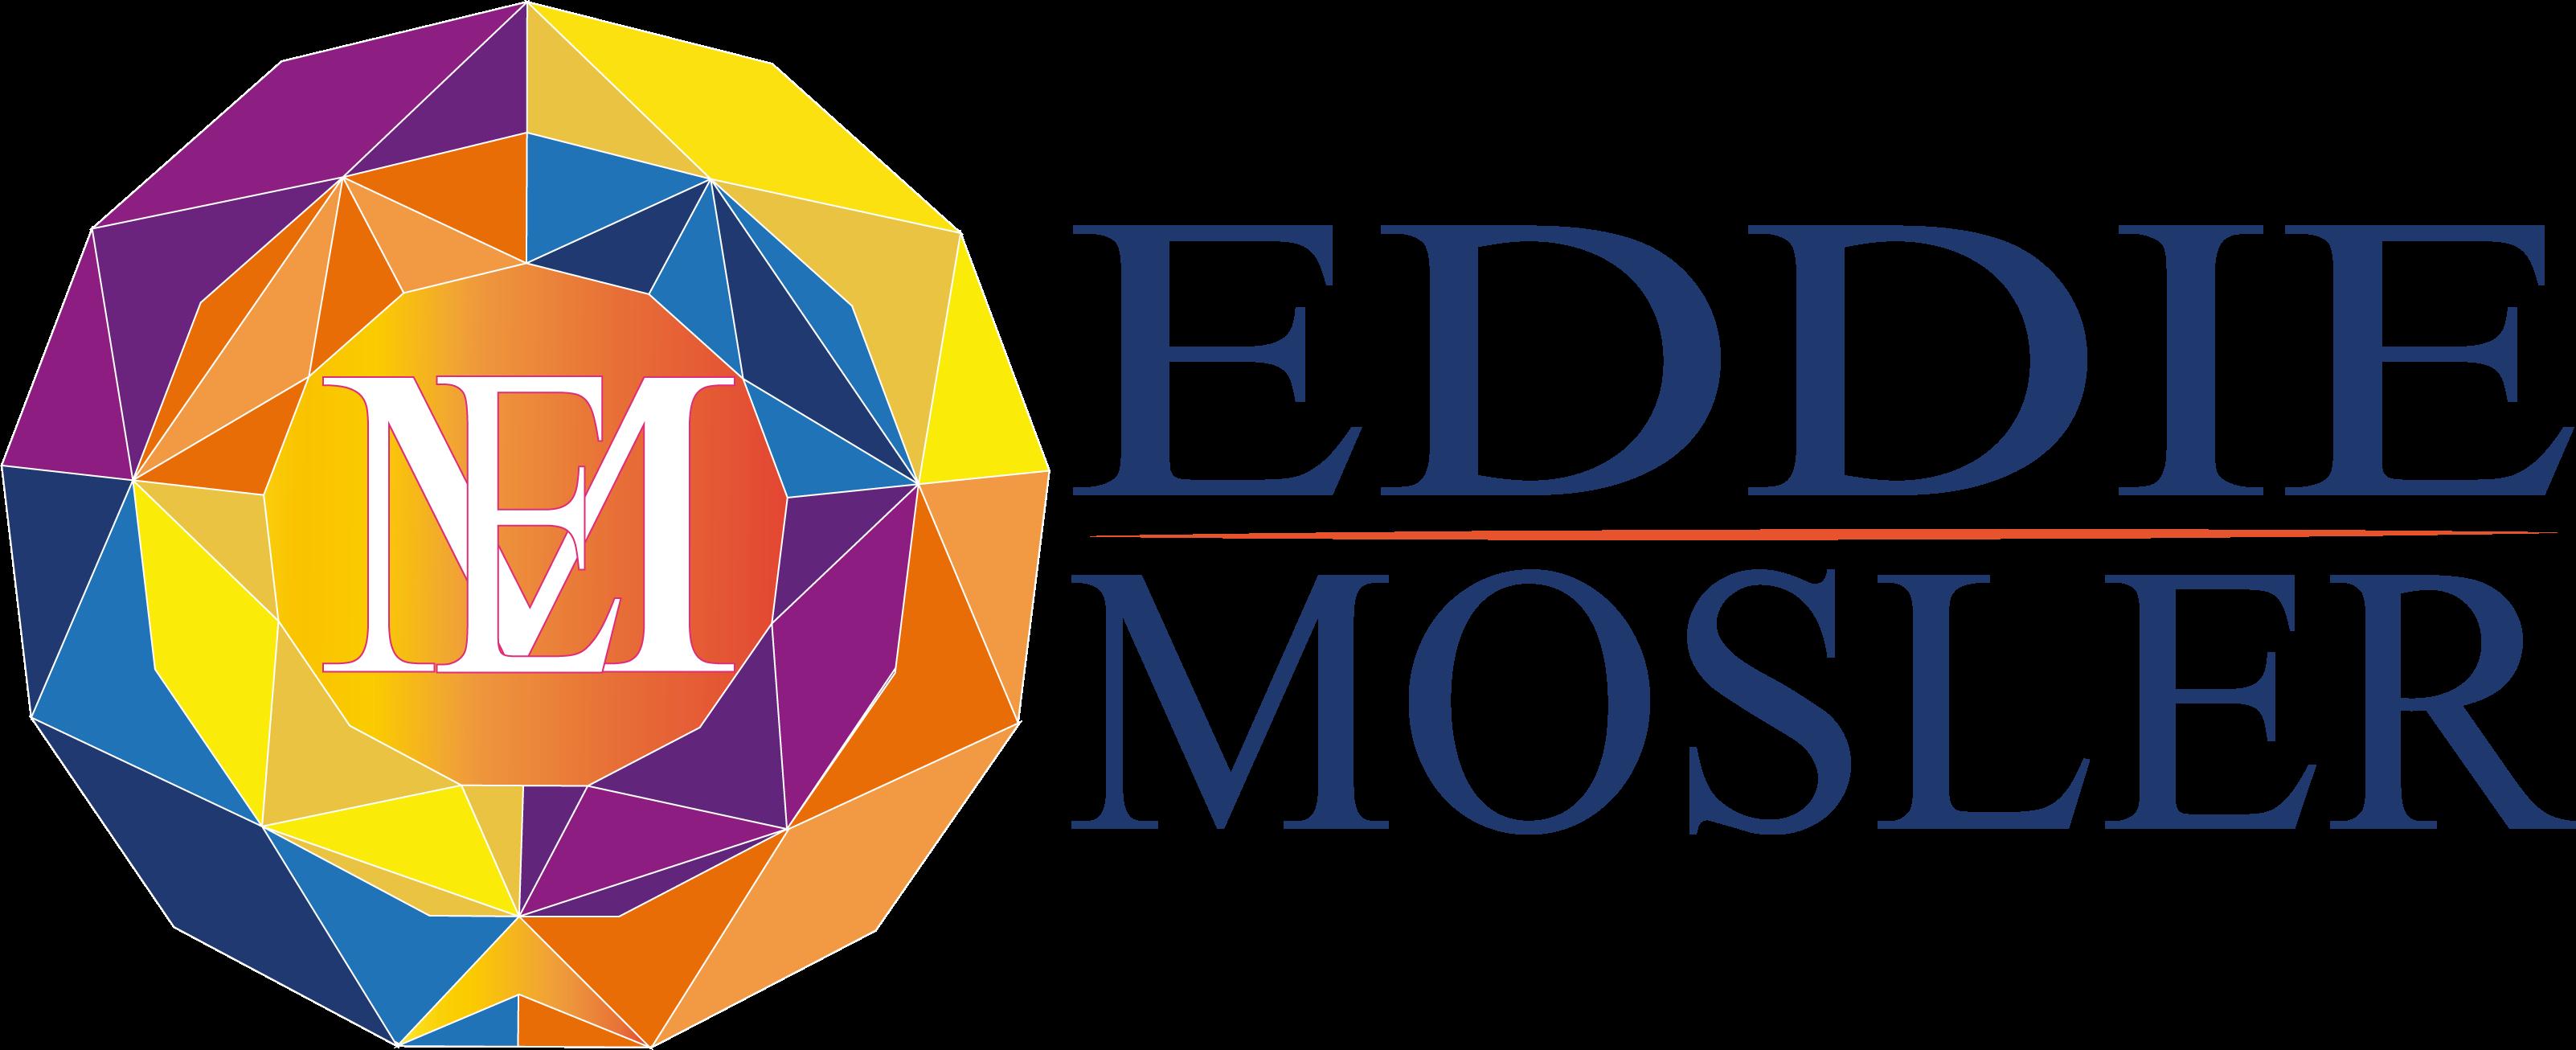 Eddie Mosler